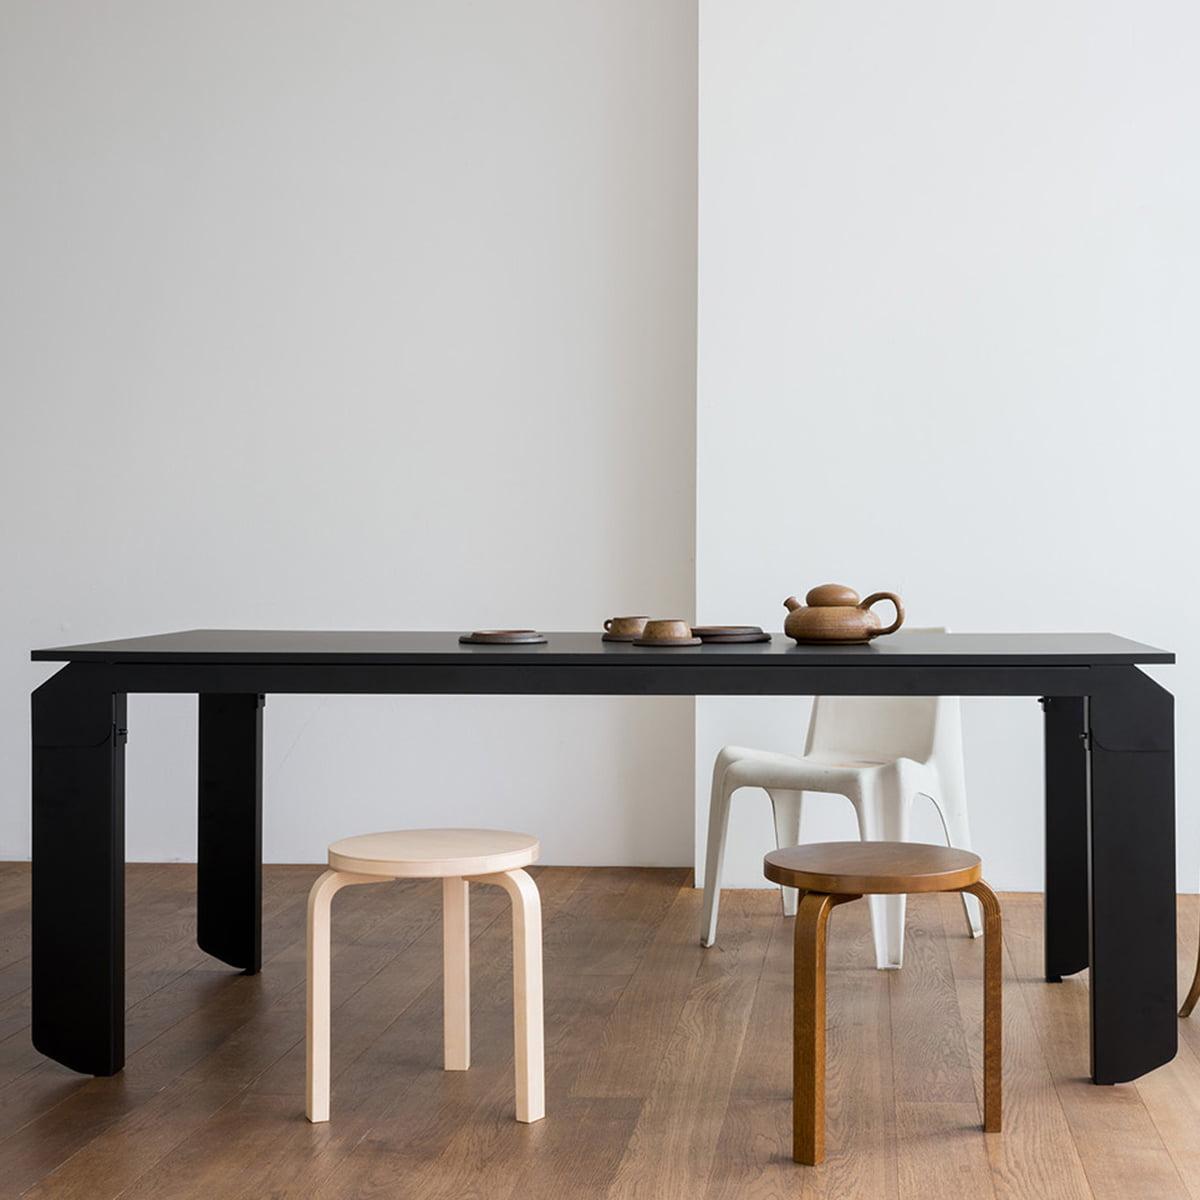 Objekte unserer Tage   Novak Tisch 20 x 20 cm, schwarz